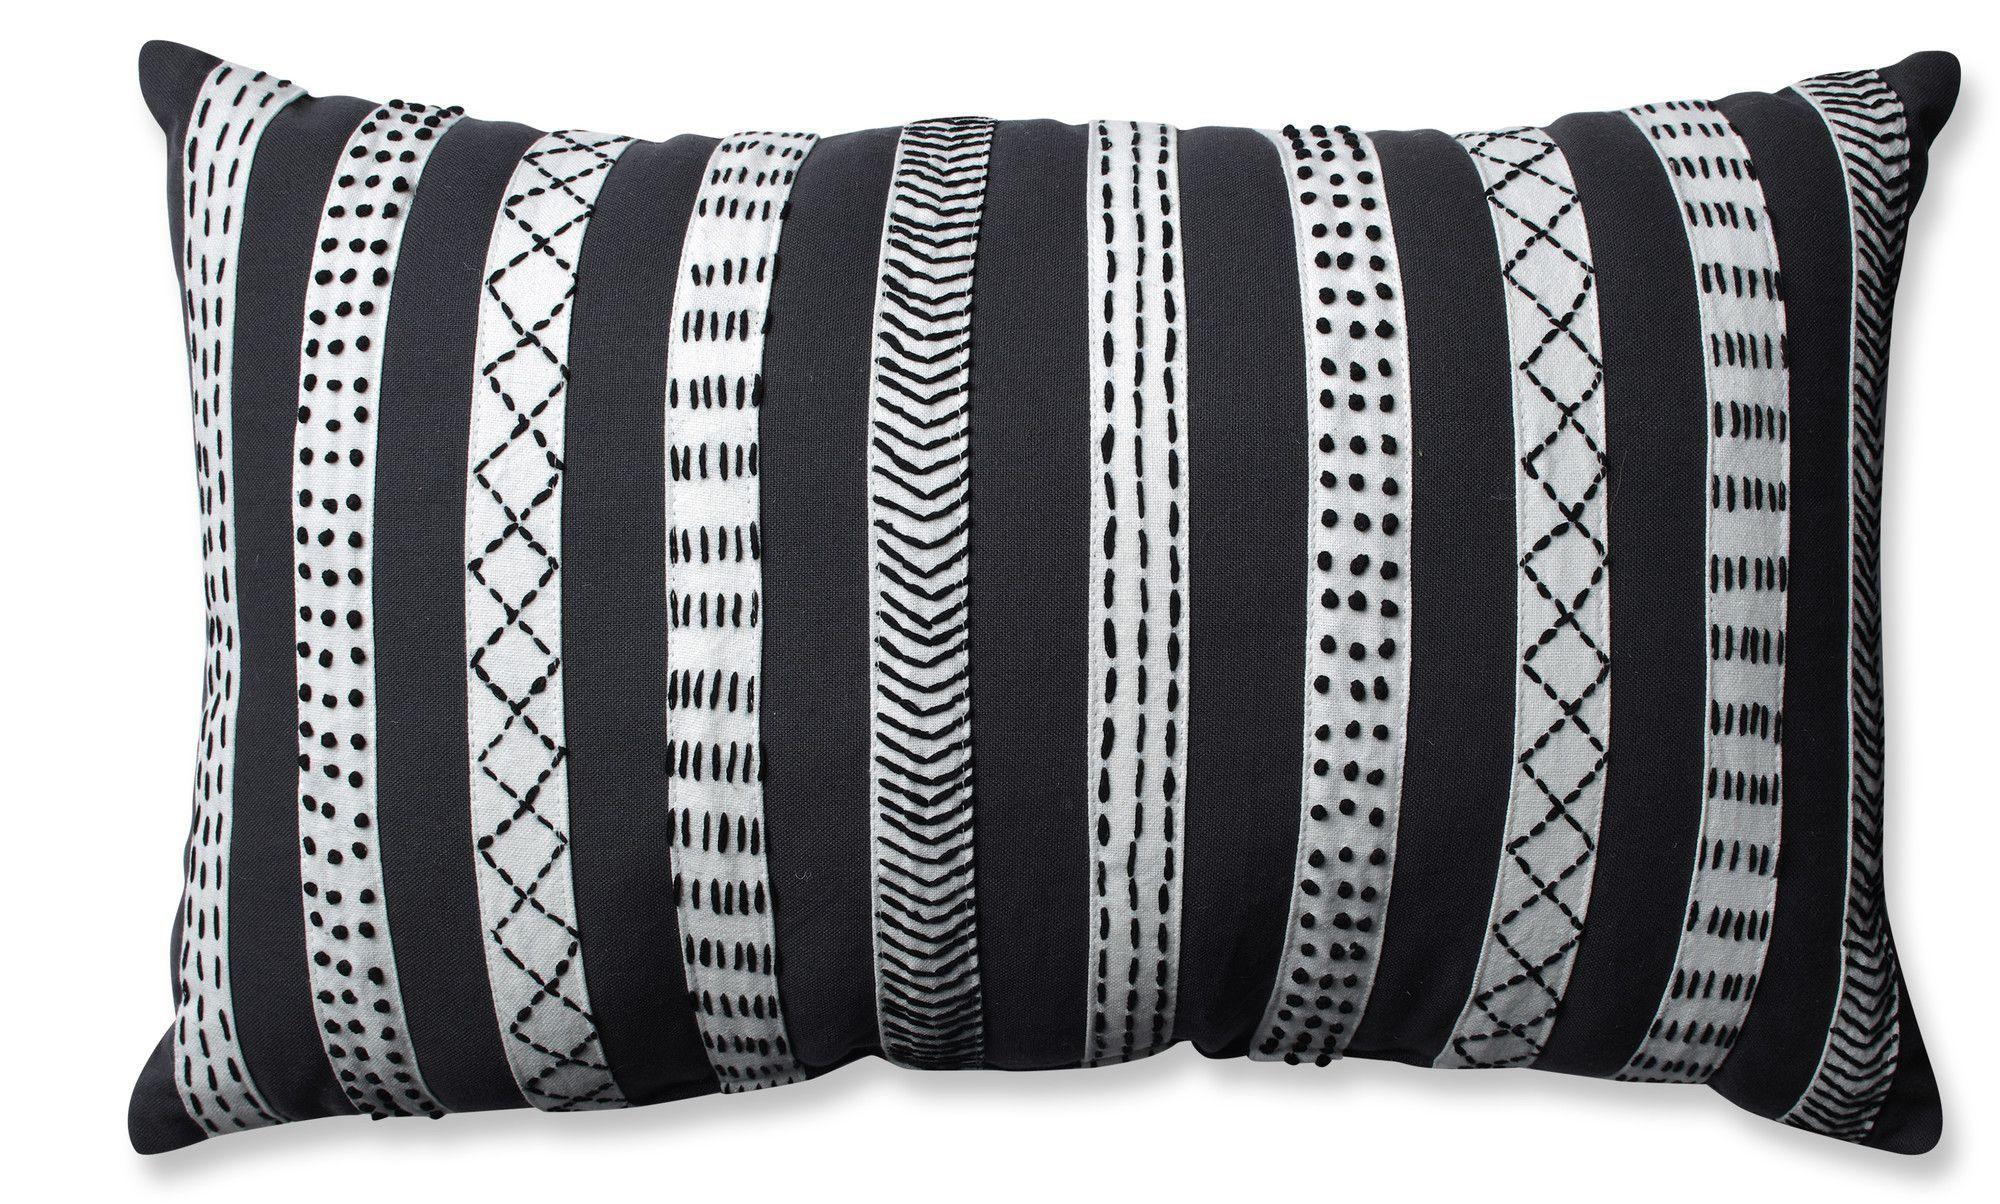 Tribal Bands Cotton Lumbar Pillow Throw Pillows Black Throw Pillows Perfect Pillow